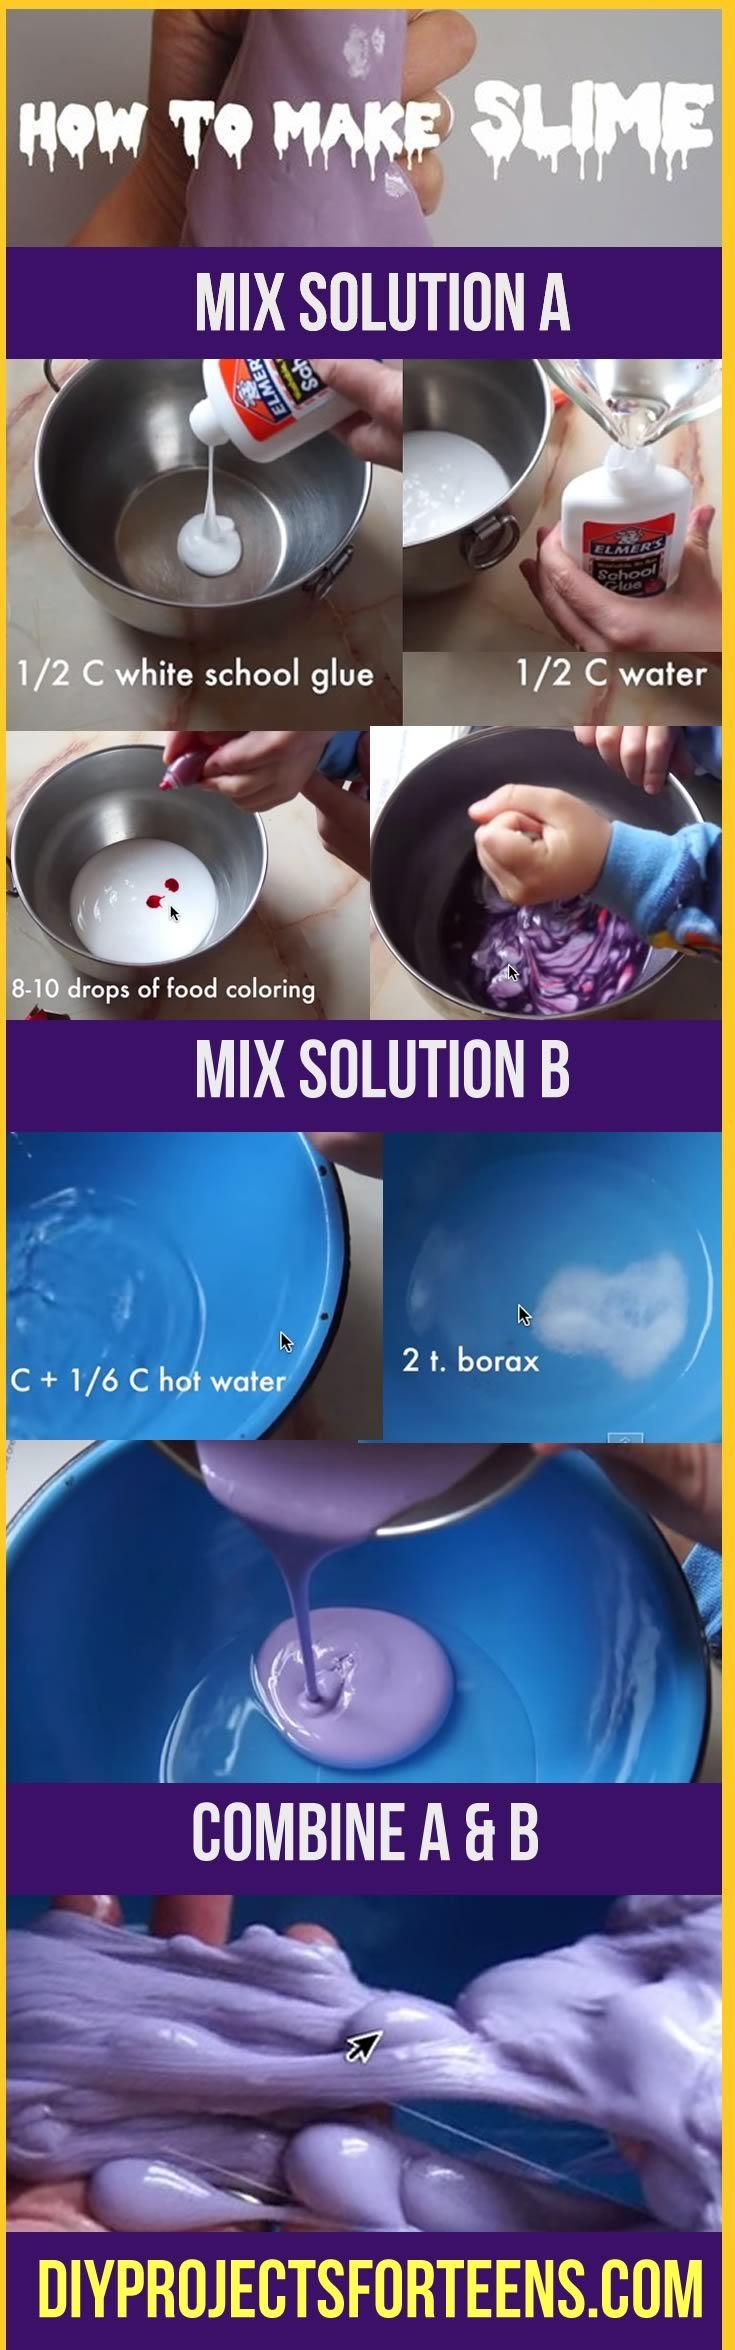 Diversión DIY Proyectos | Cómo hacer limo Tutorial | Manualidades fresco Ideas para adolescentes y preadolescentes